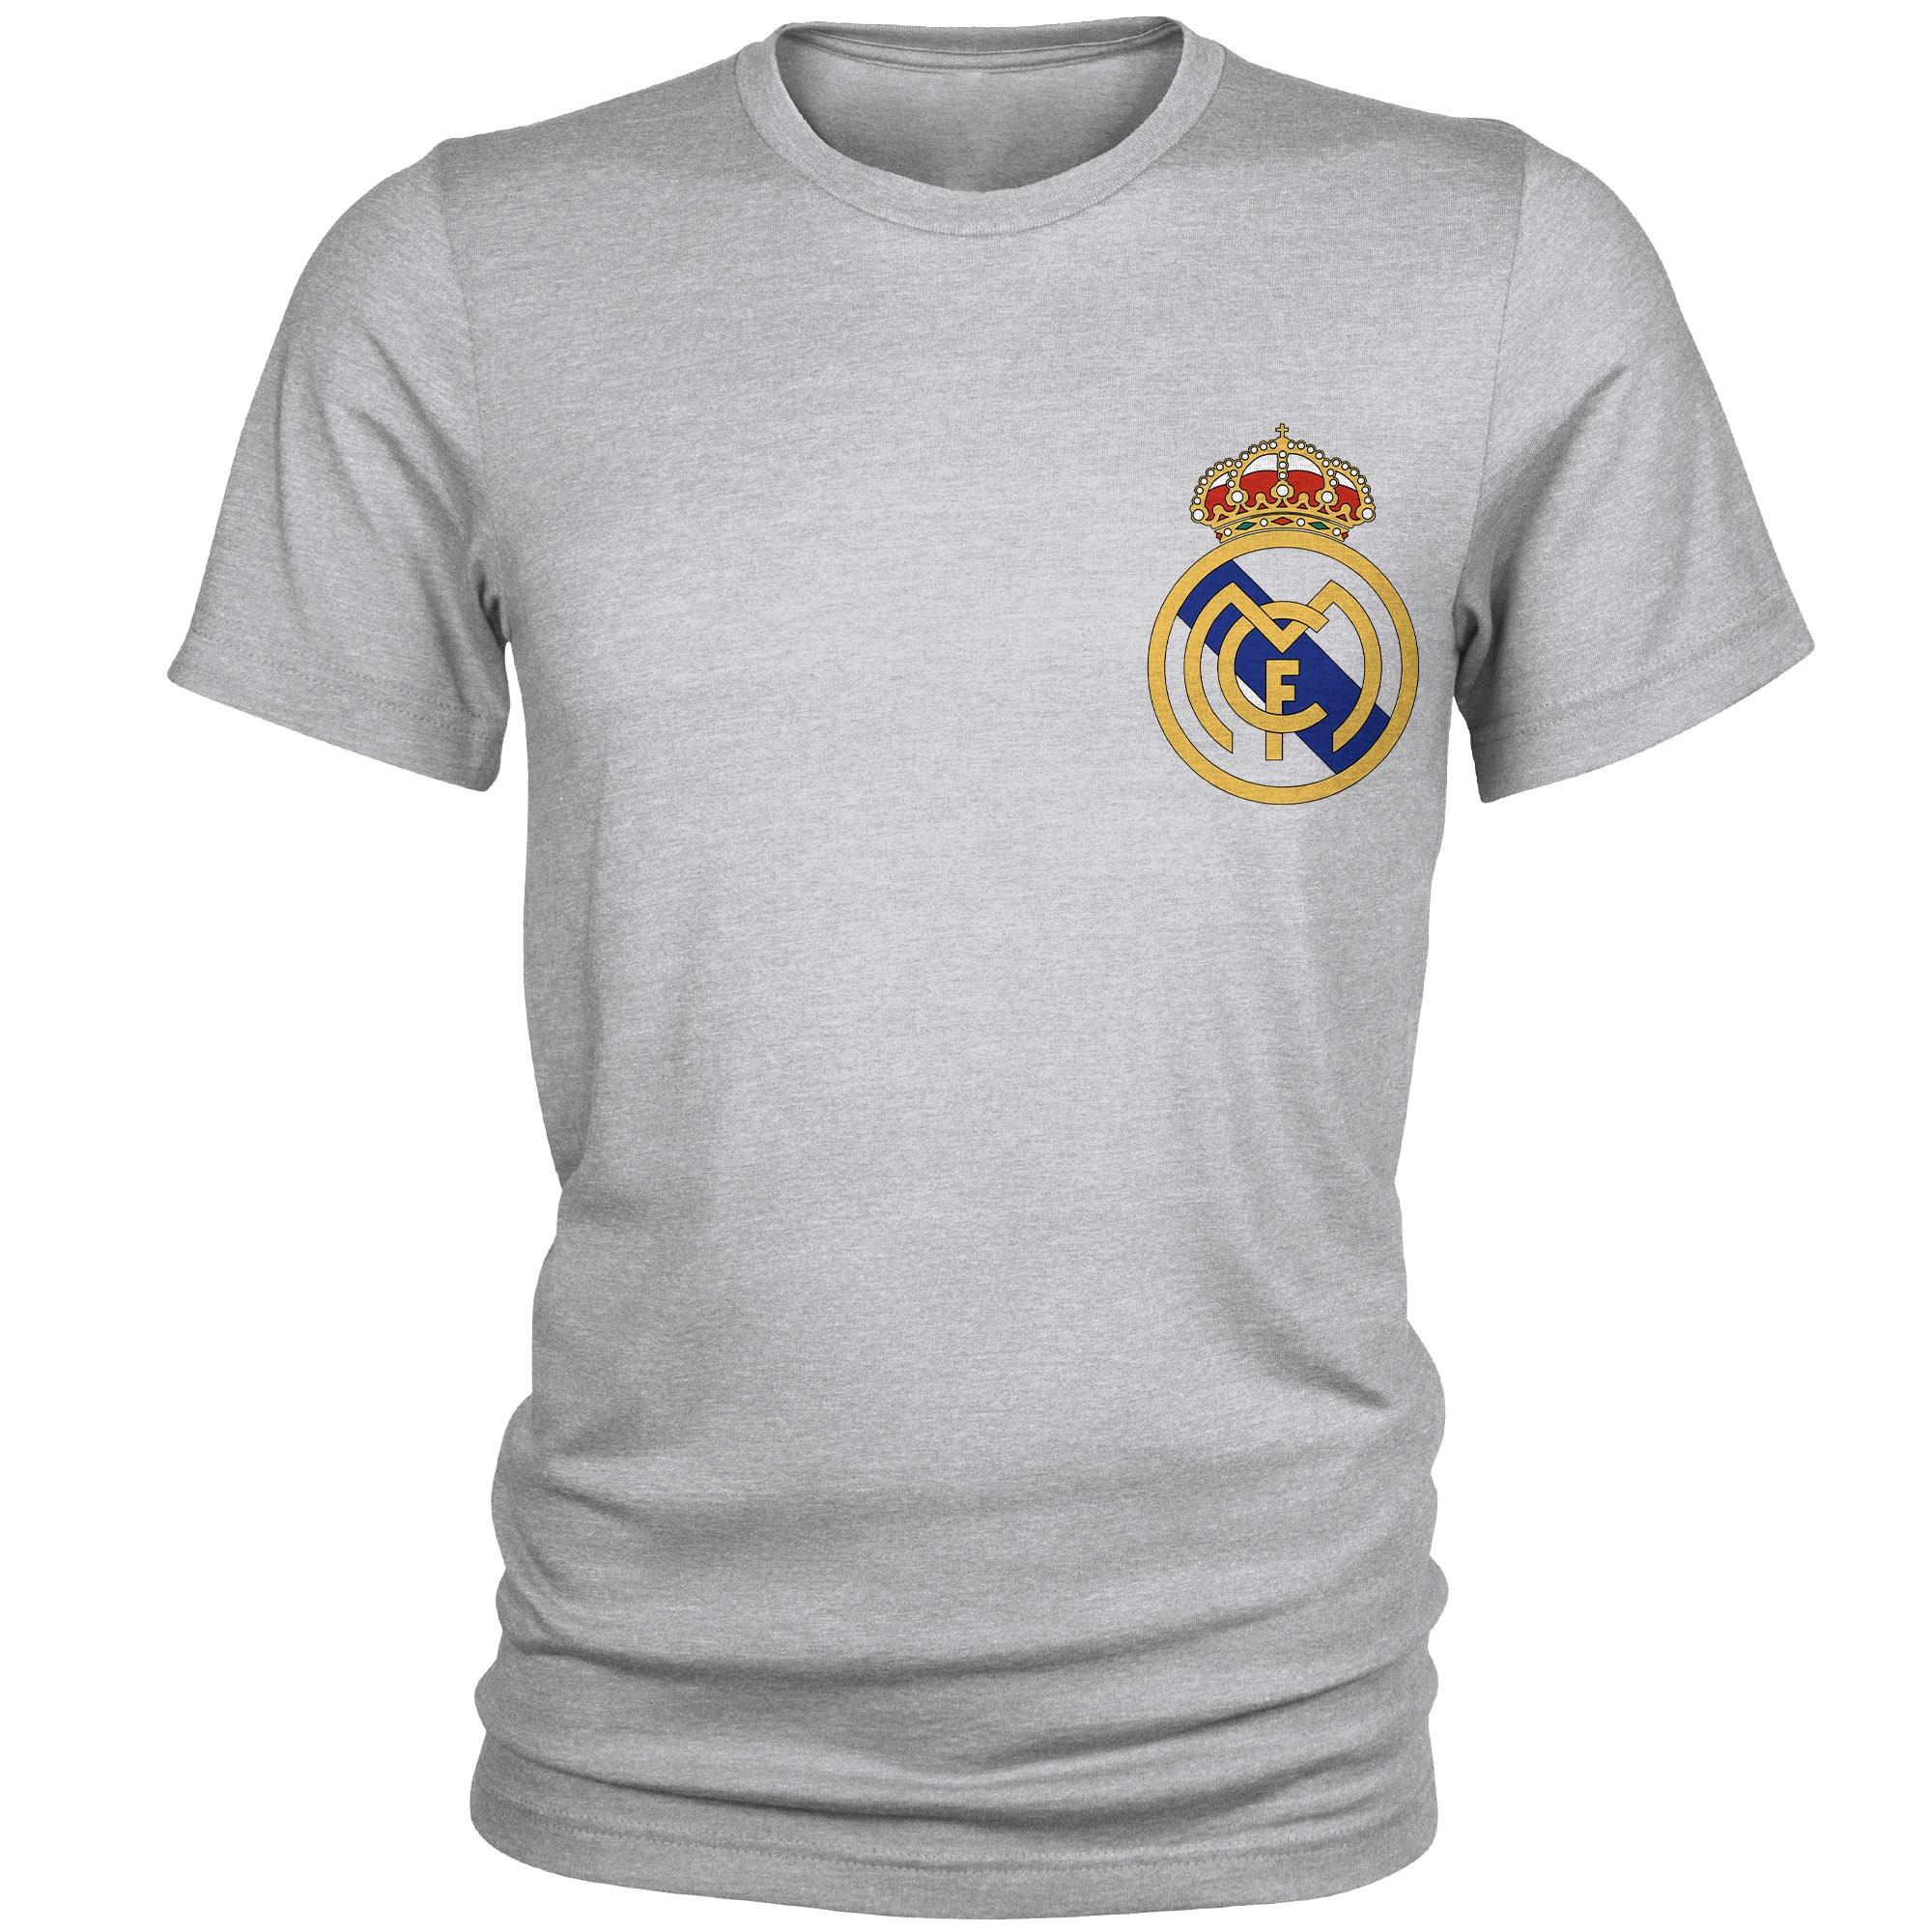 تیشرت مردانه طرح رئال مادرید کد S66